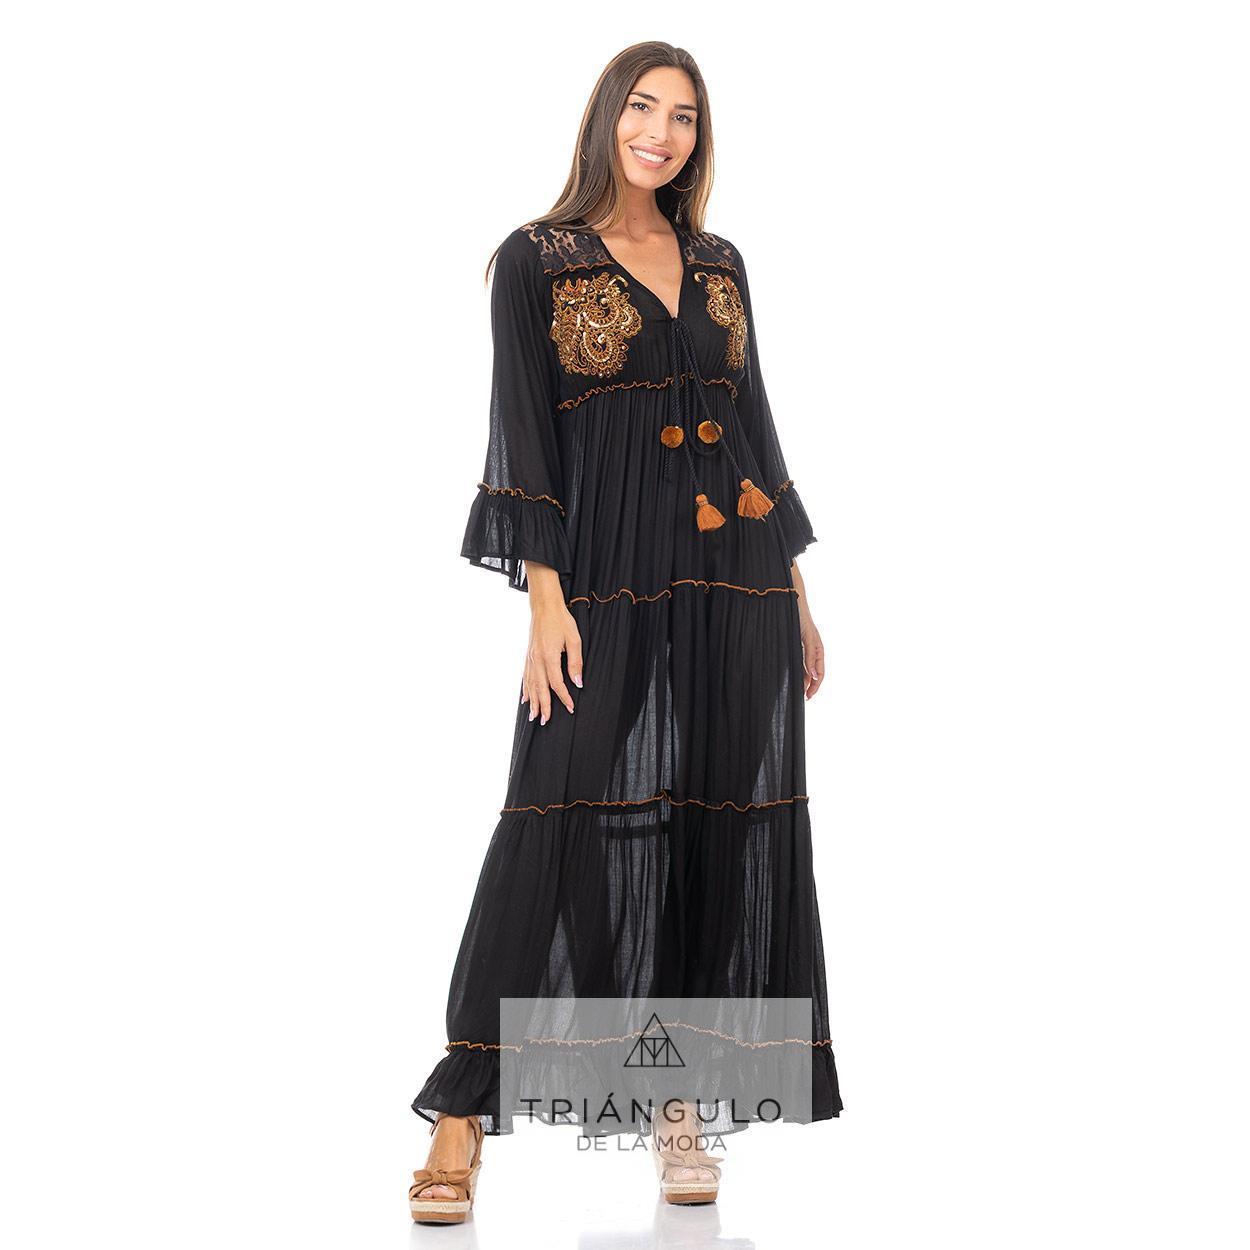 Tienda online del Triangulo de la Moda VESTIDO LARGO  BOHO CHIC BORDADO CON ABALORIOS Y BORLONES